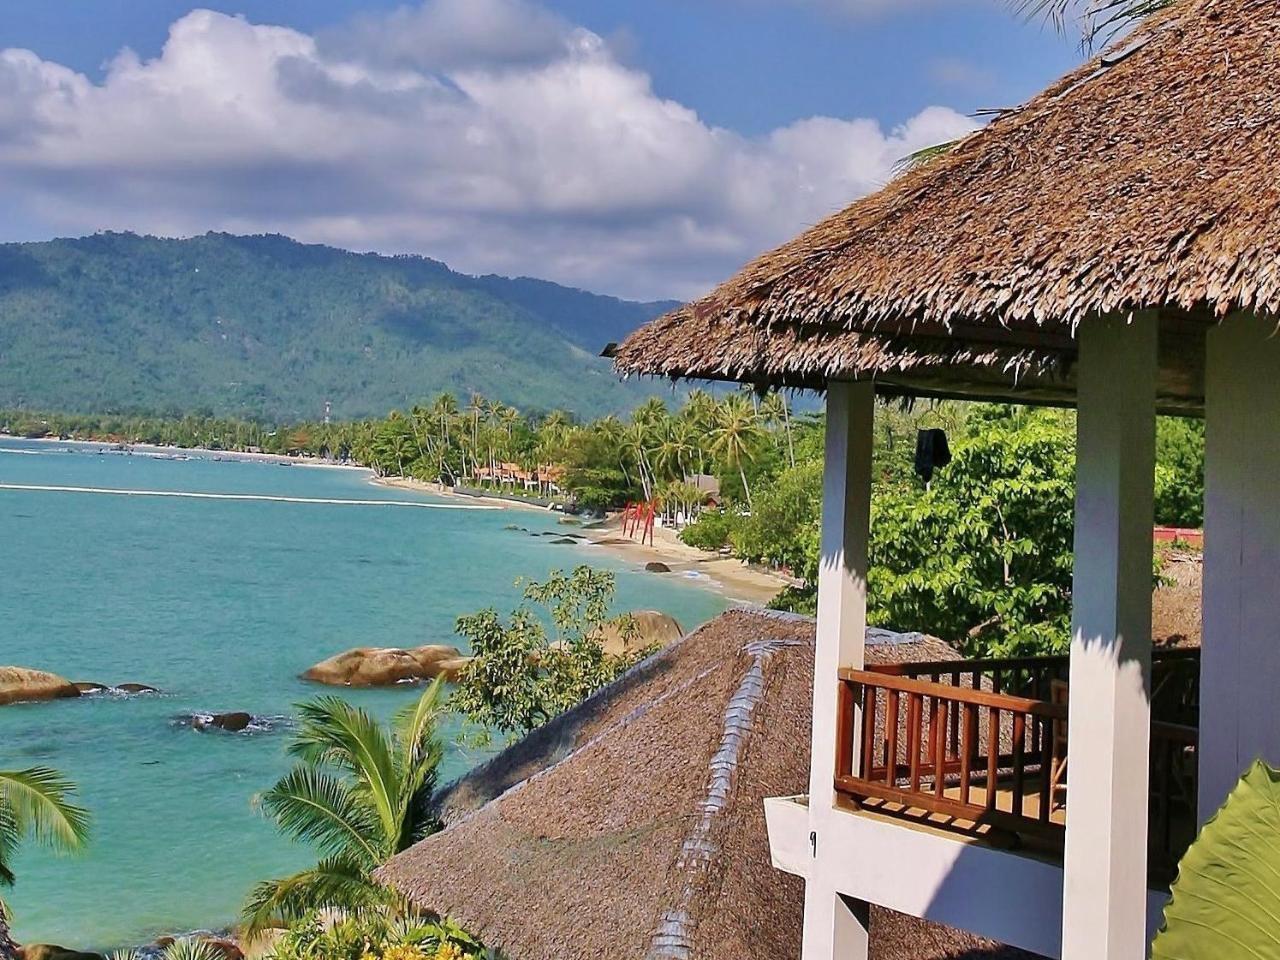 ละไม เบย์วิว รีสอร์ท (Lamai Bayview Resort)